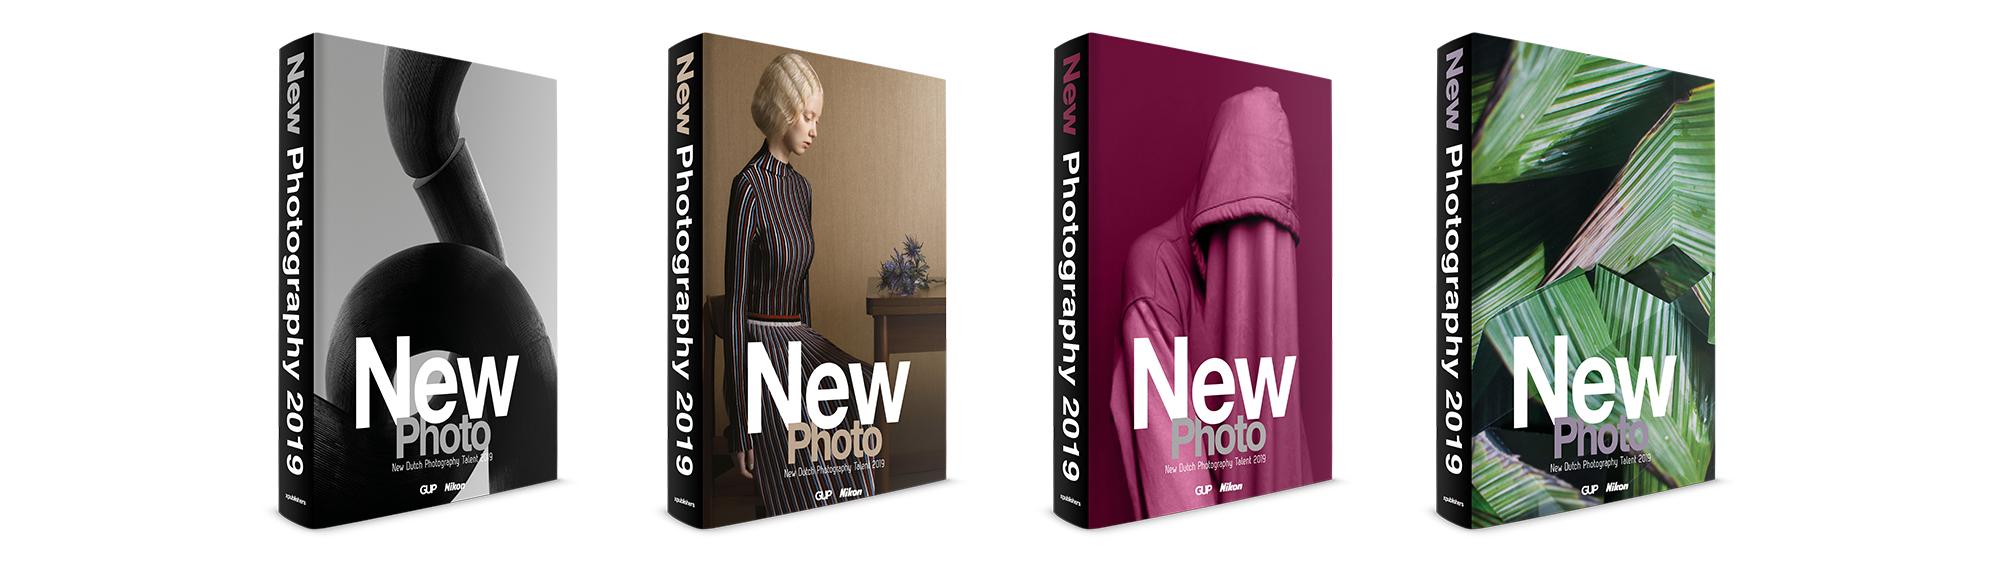 Introduction by Jan Dirk van der Burg  Cover images © Lisette Appeldorn / Elyne Dunning / Maria Makridis / Lenghi Teng